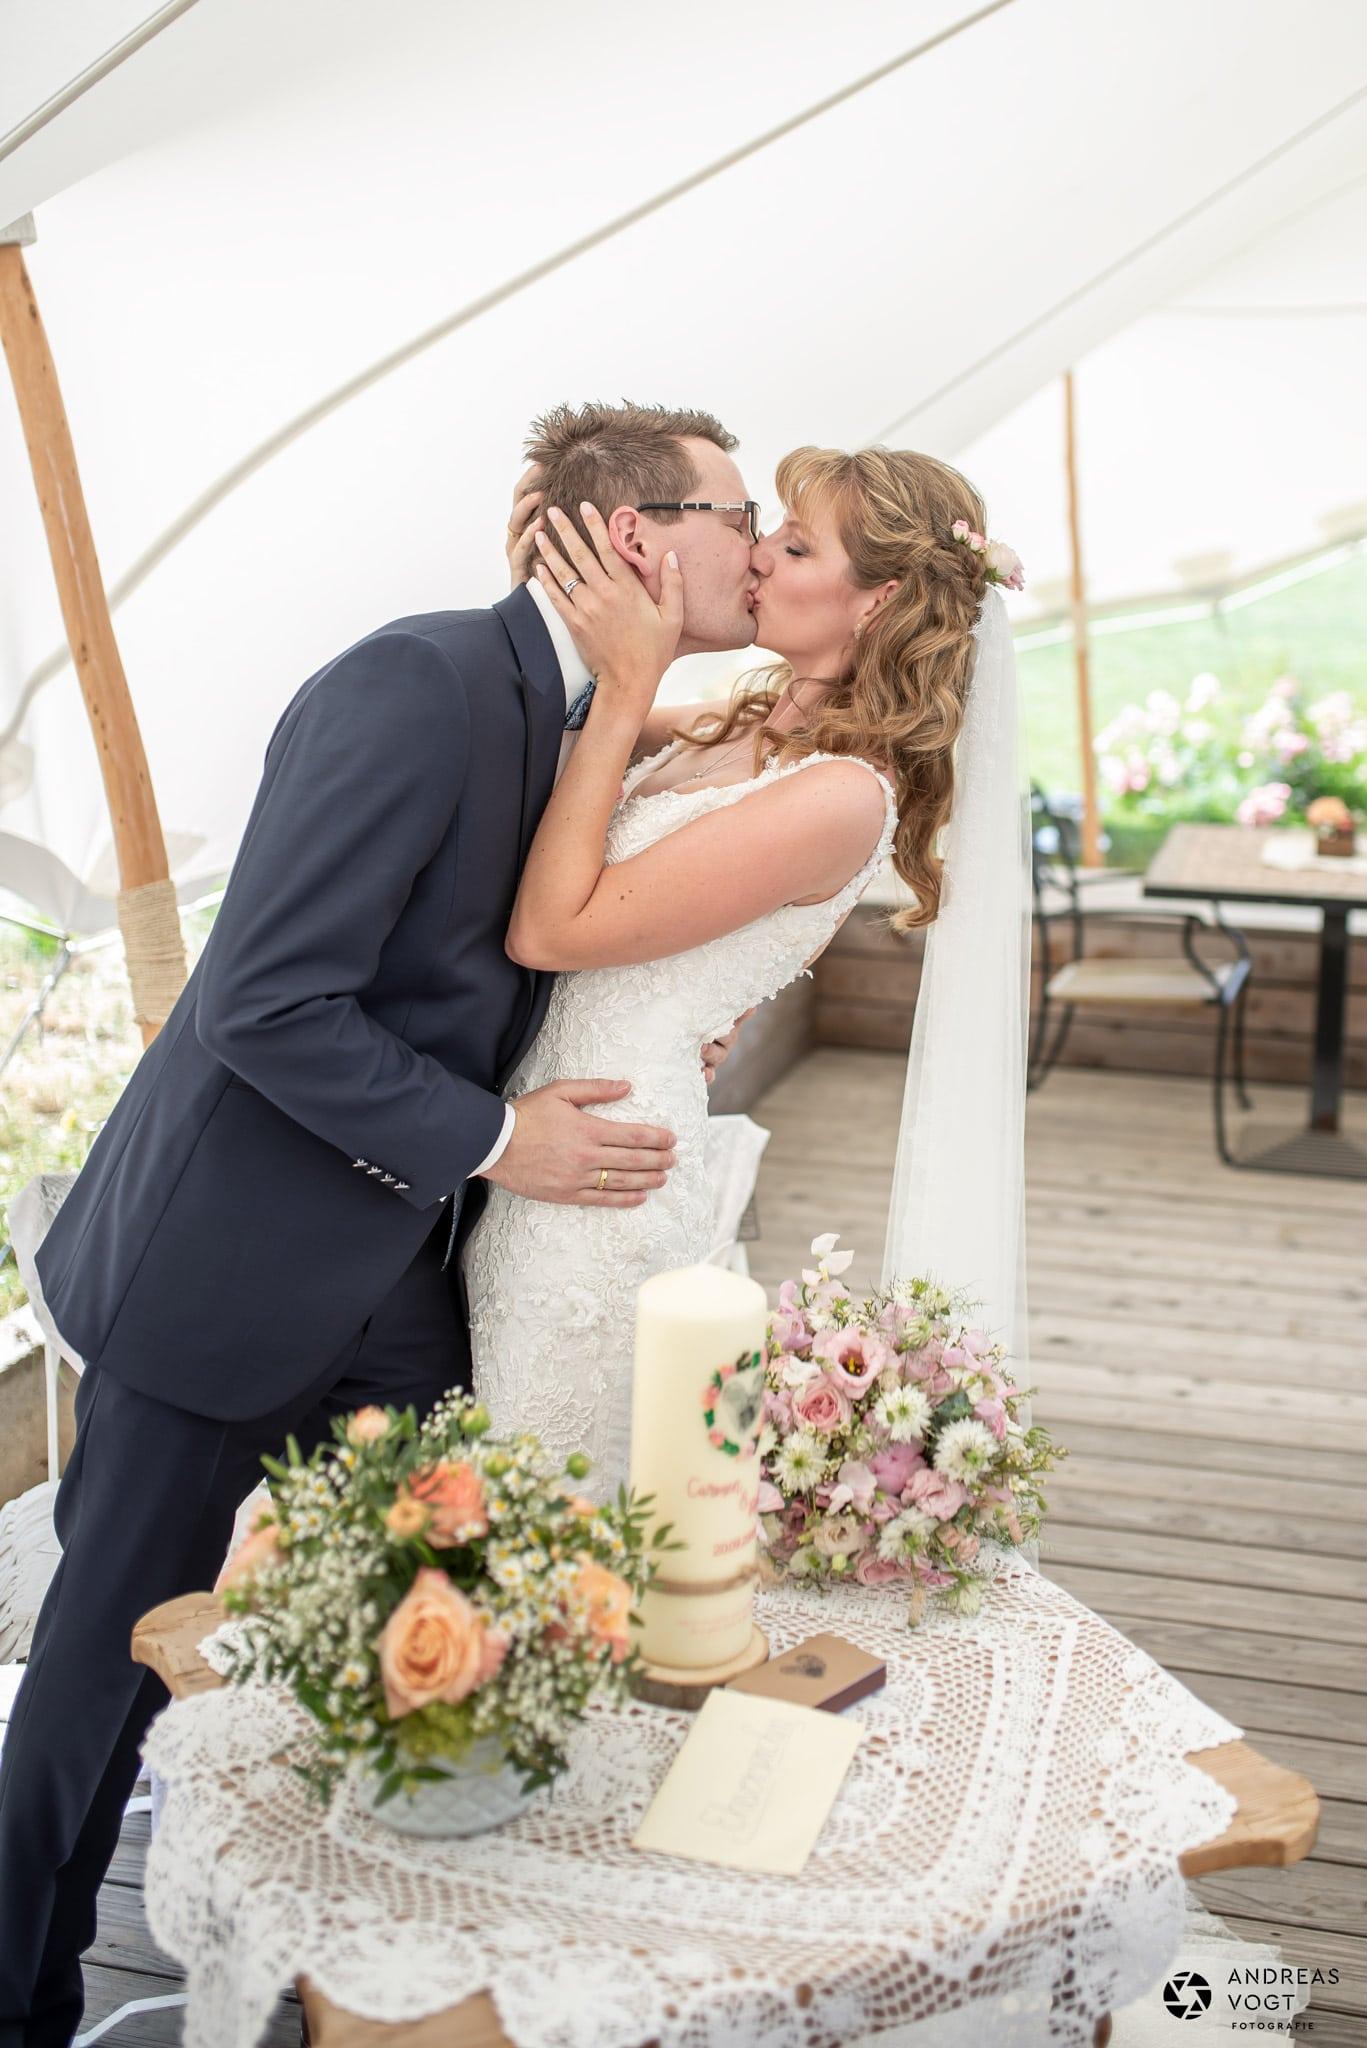 Freie Trauung Carmen und Robert - Hochzeitsfotograf Andreas Vogt aus Aalen